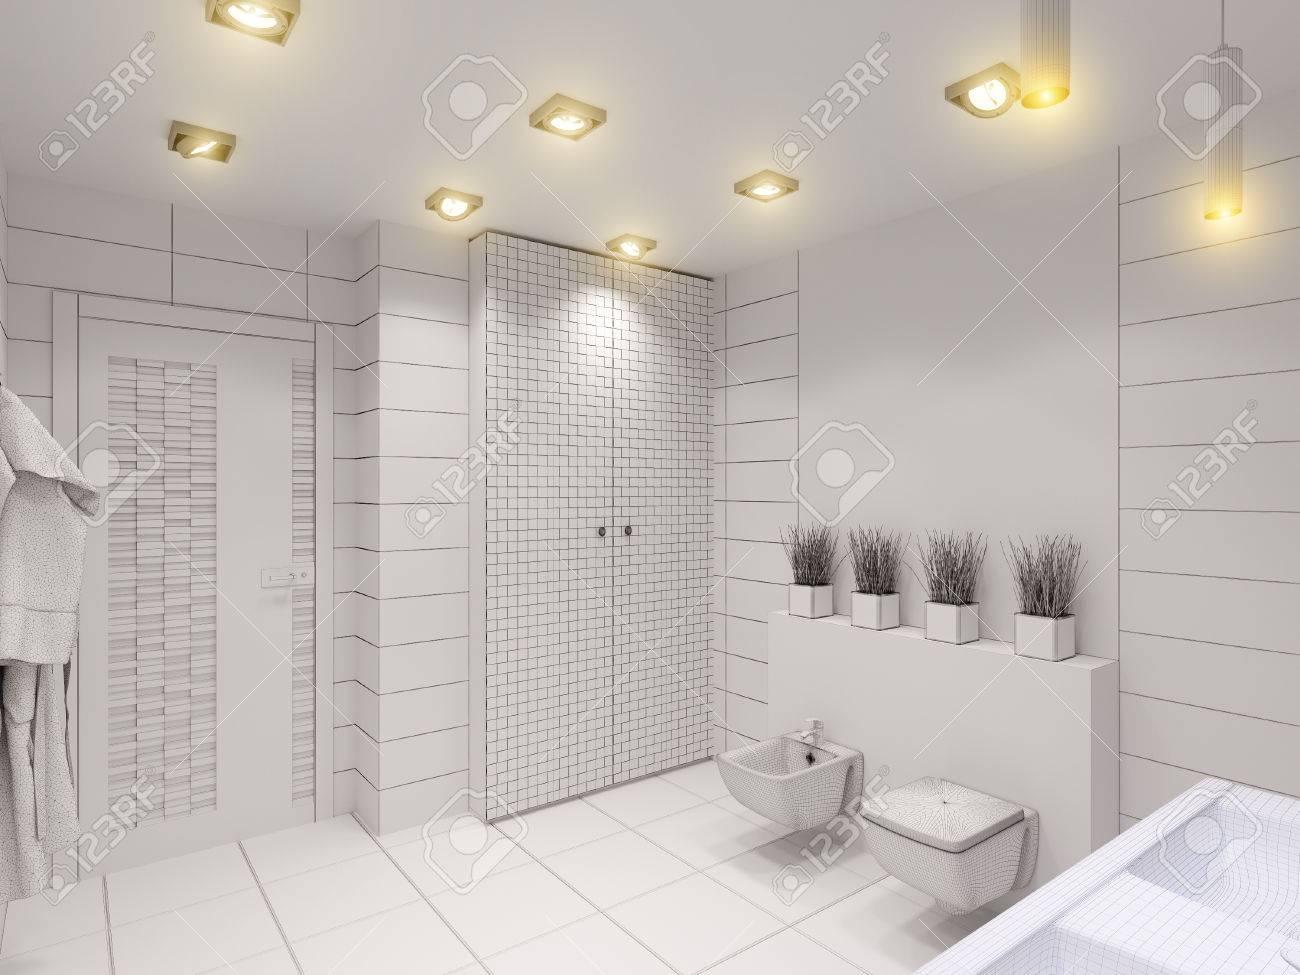 D rendering di bagno senza colore e texture disegno inter di un